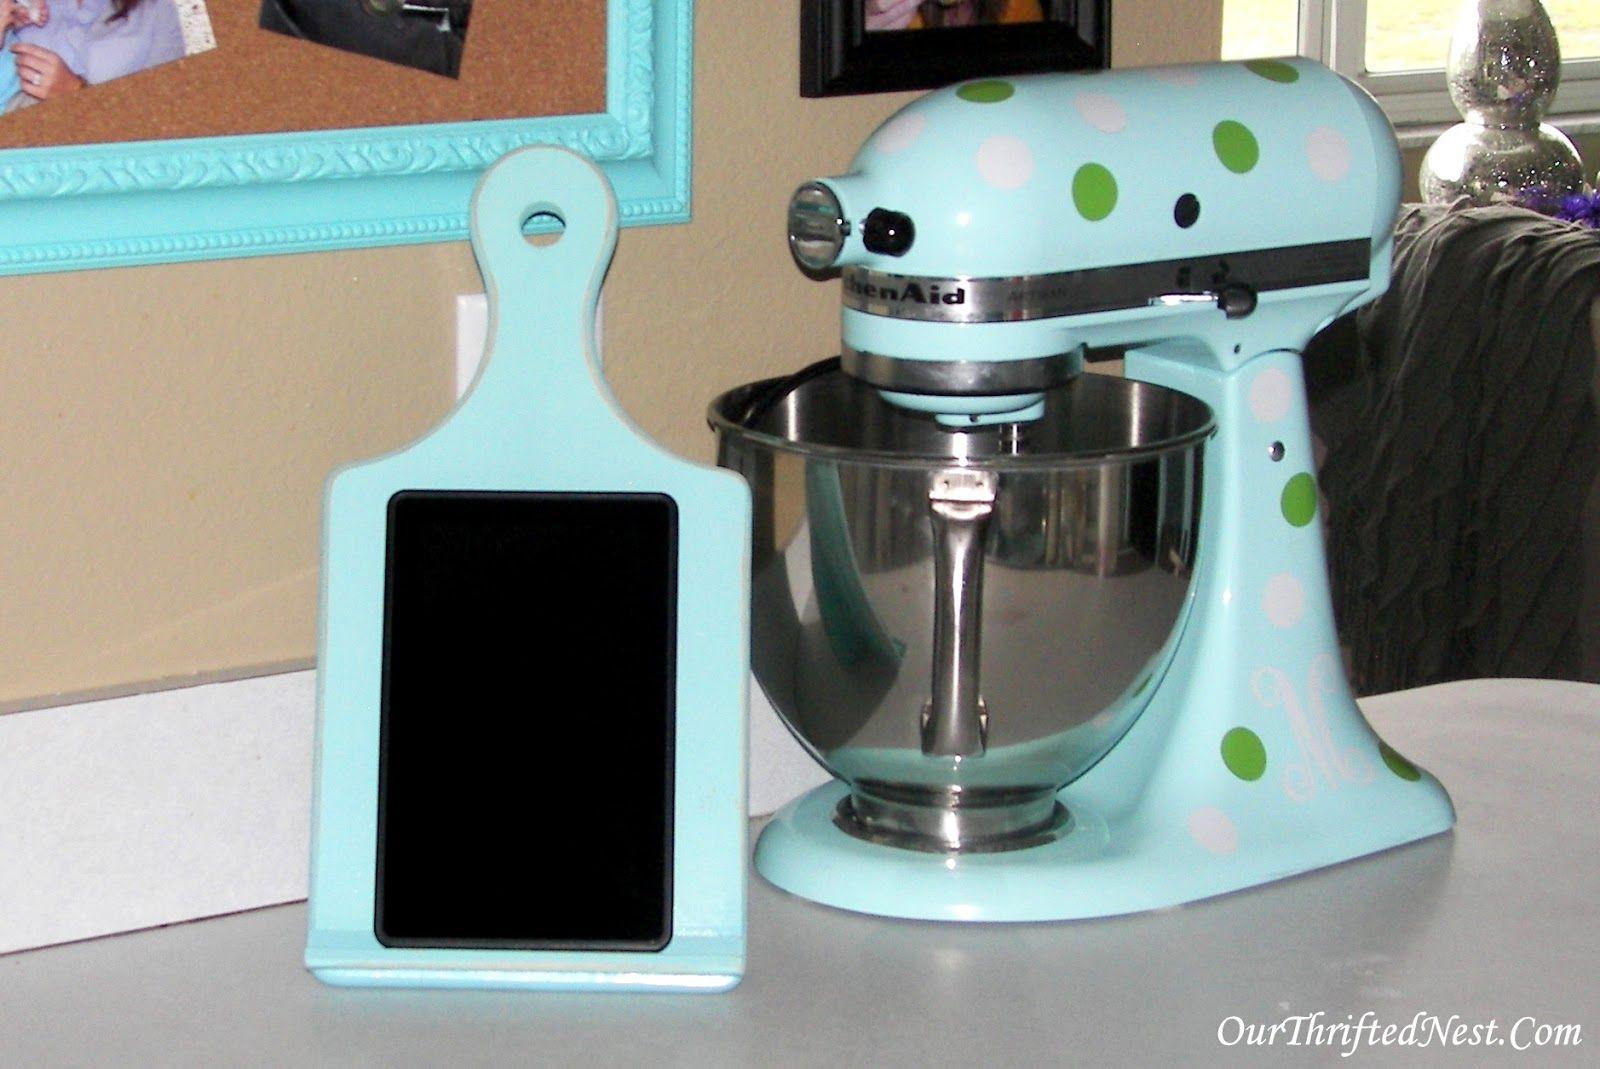 Our thrifted nest diy kitchen tablet holder diy pinterest